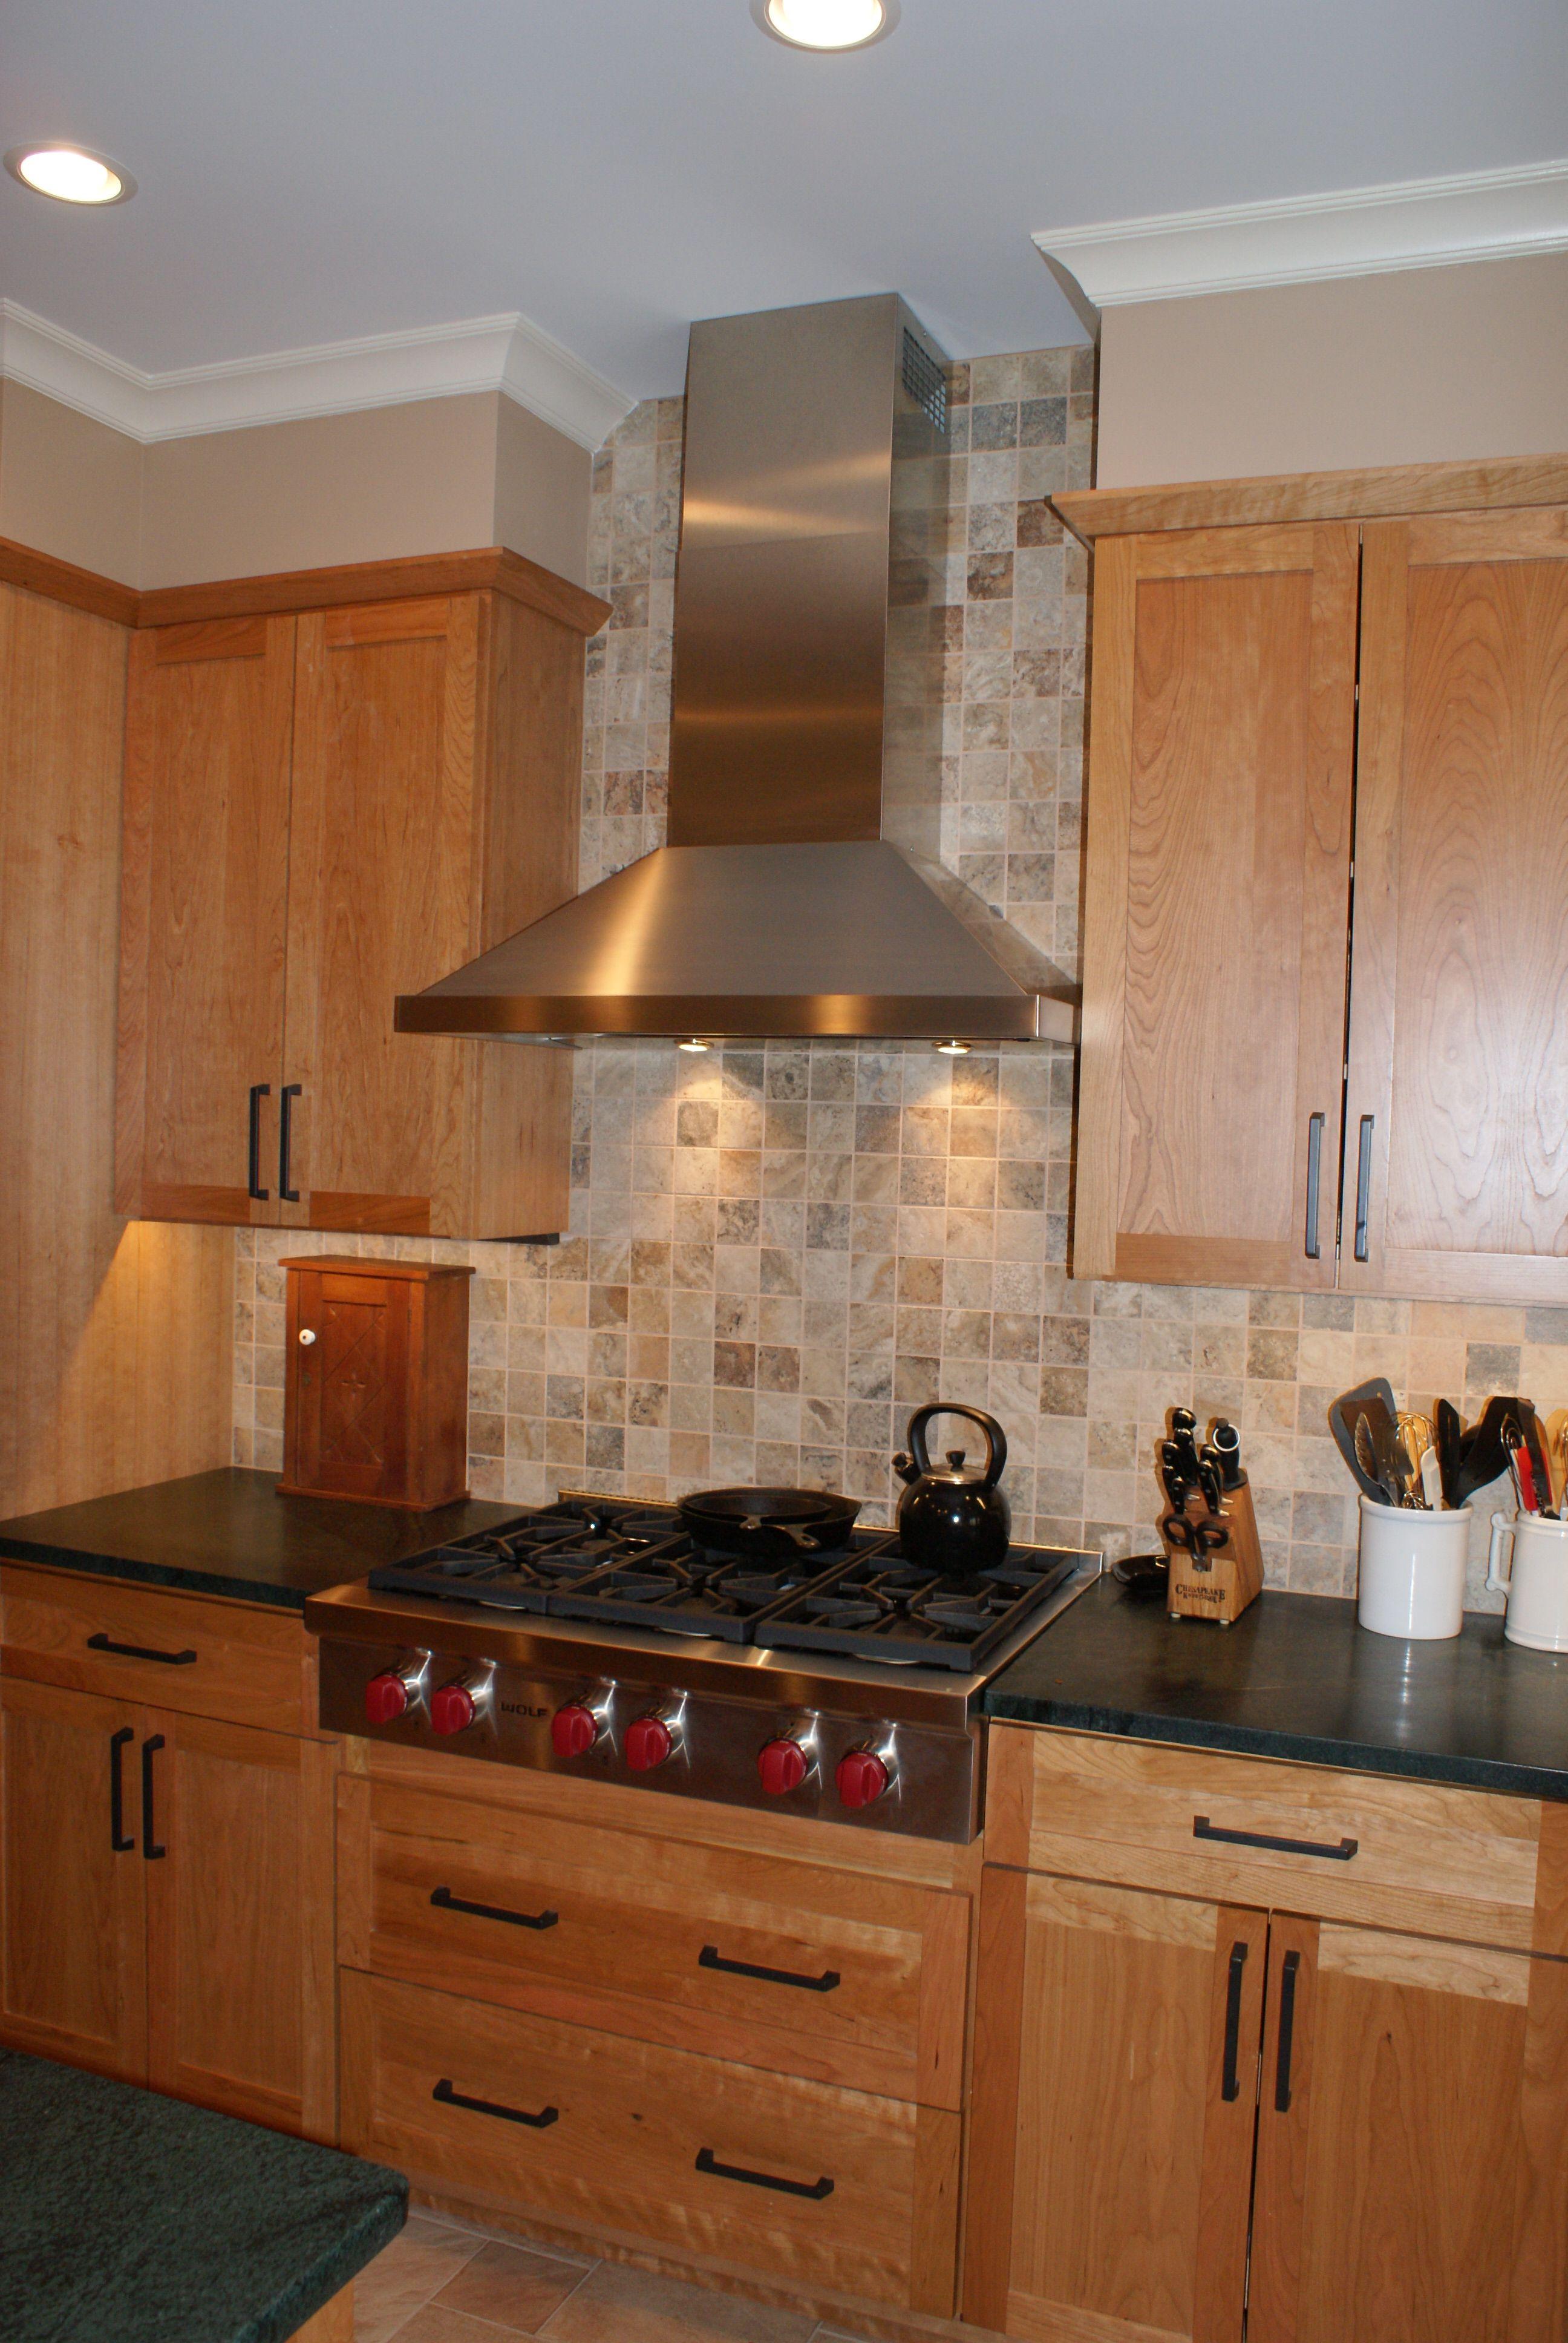 Backsplash Tile To Ceiling Behind Range Hood New Kitchen